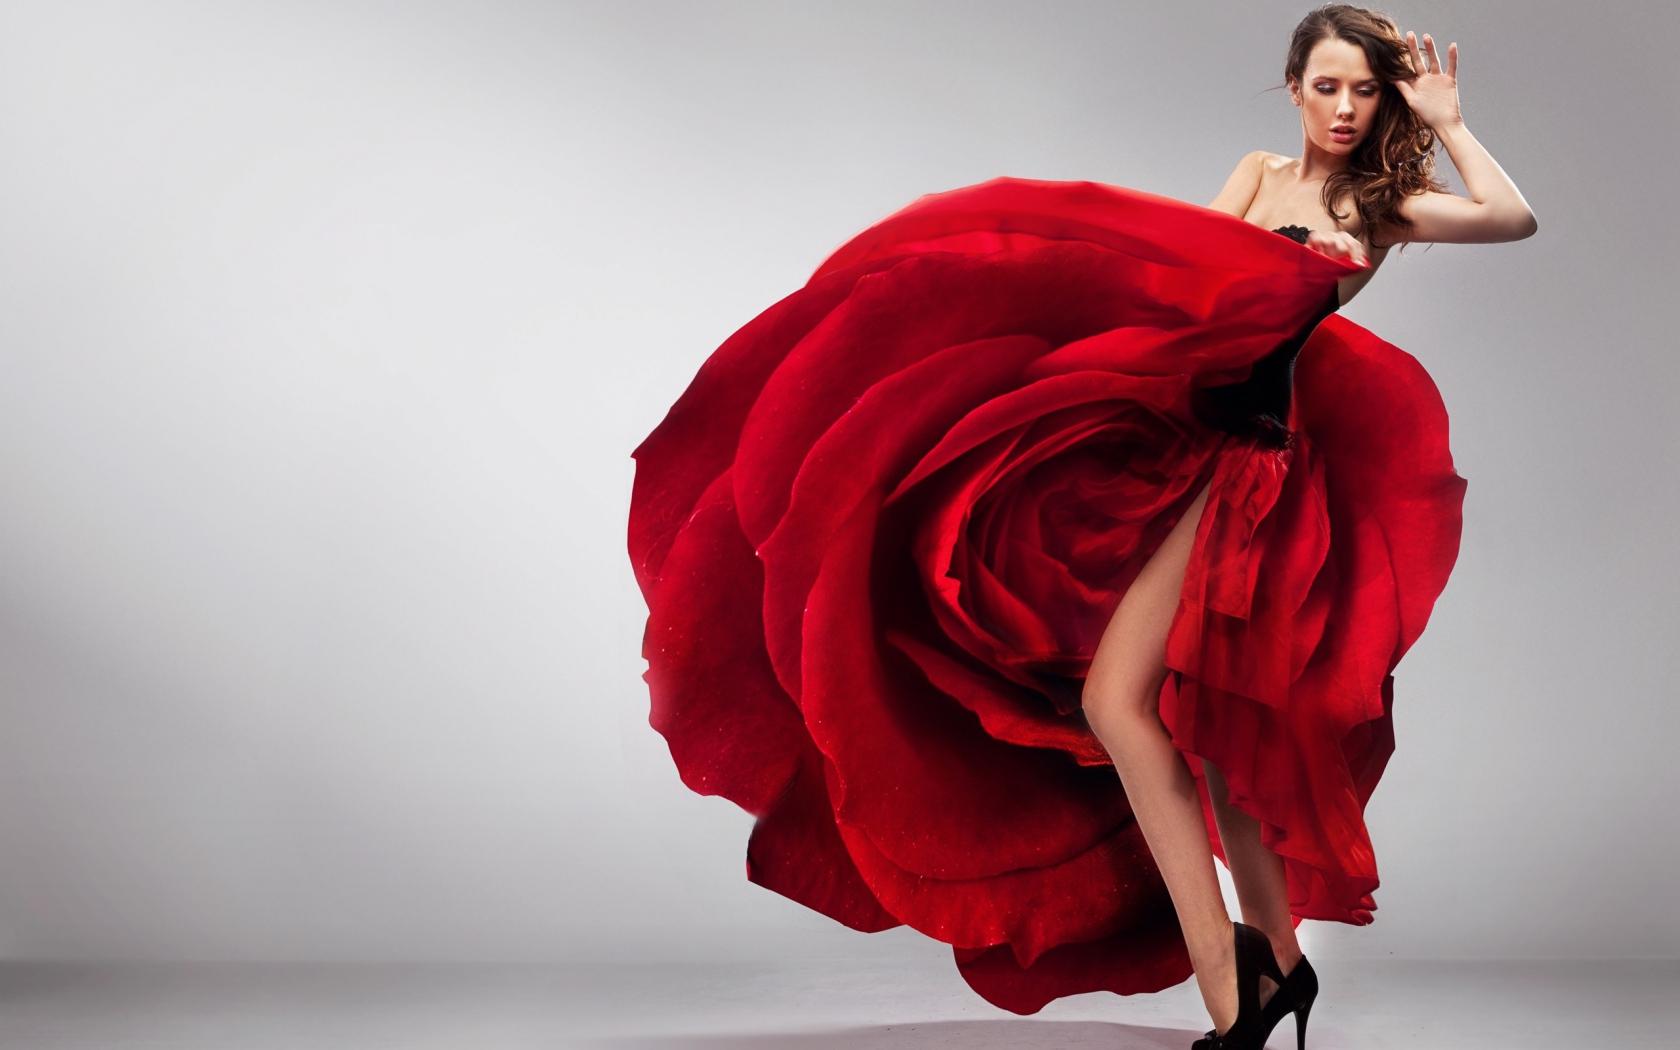 девушка танцует в коротком халатике